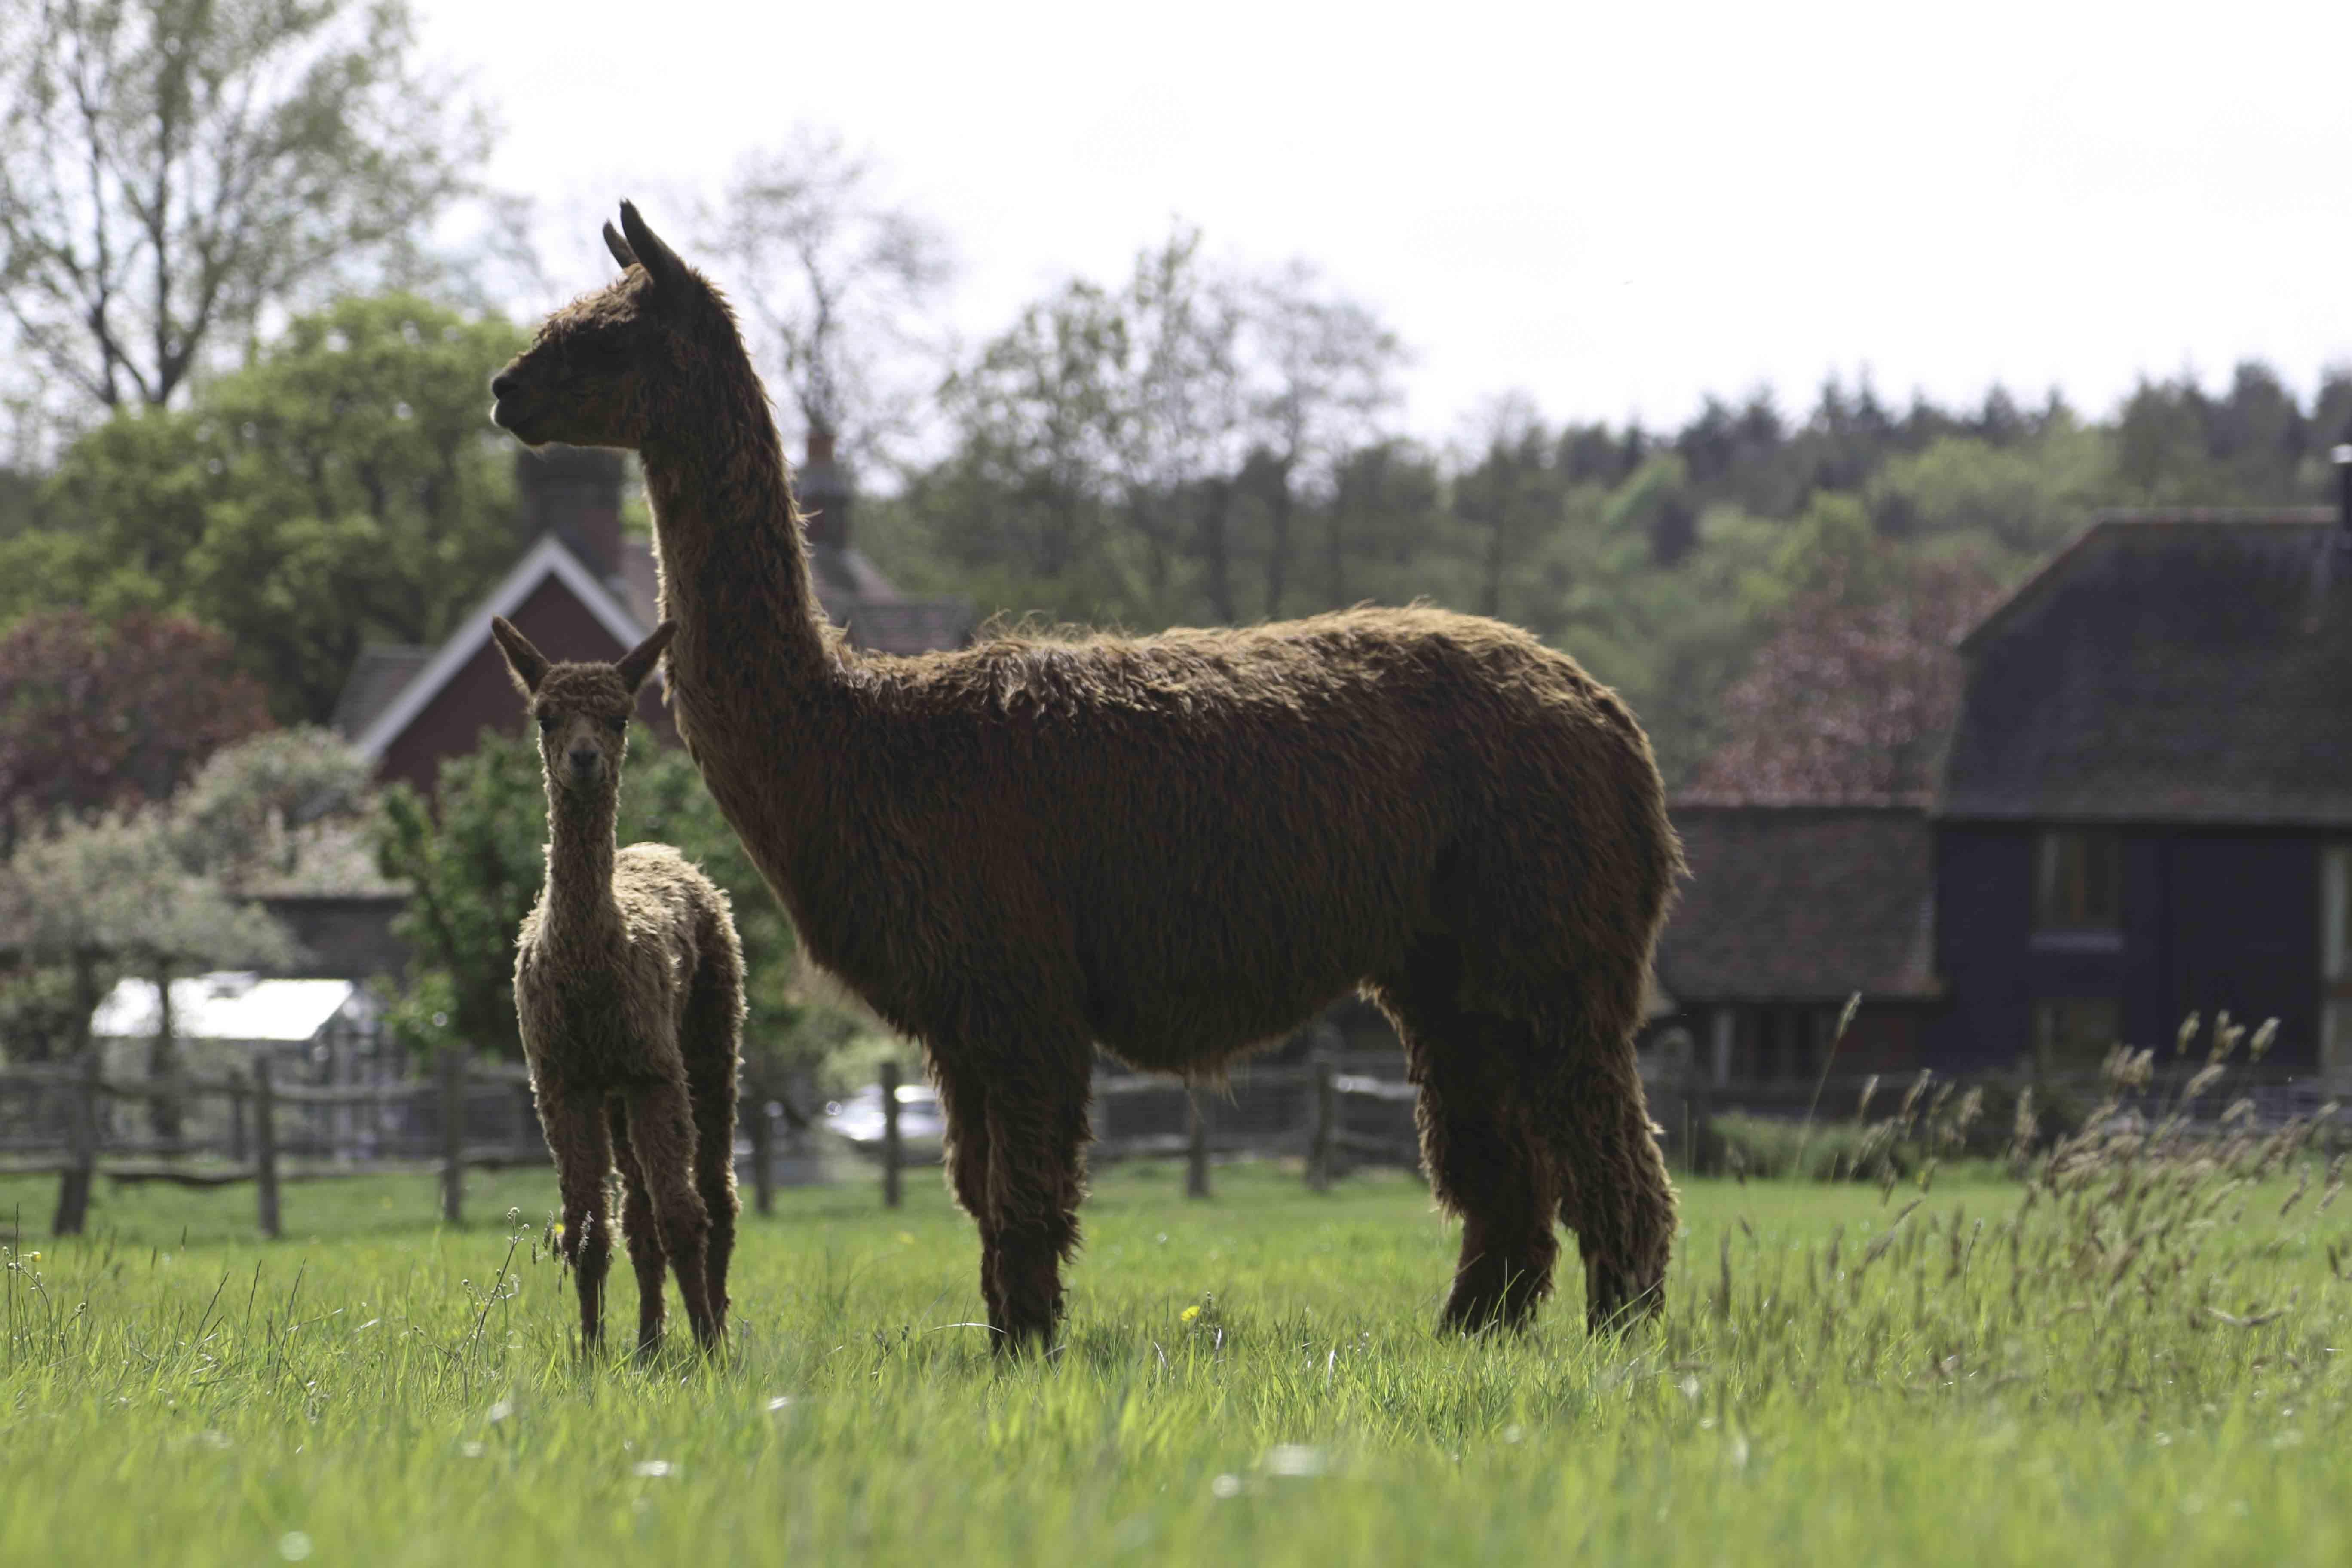 Alpaca Babies Cria Alpaca Walking Spring Farm Alpacas